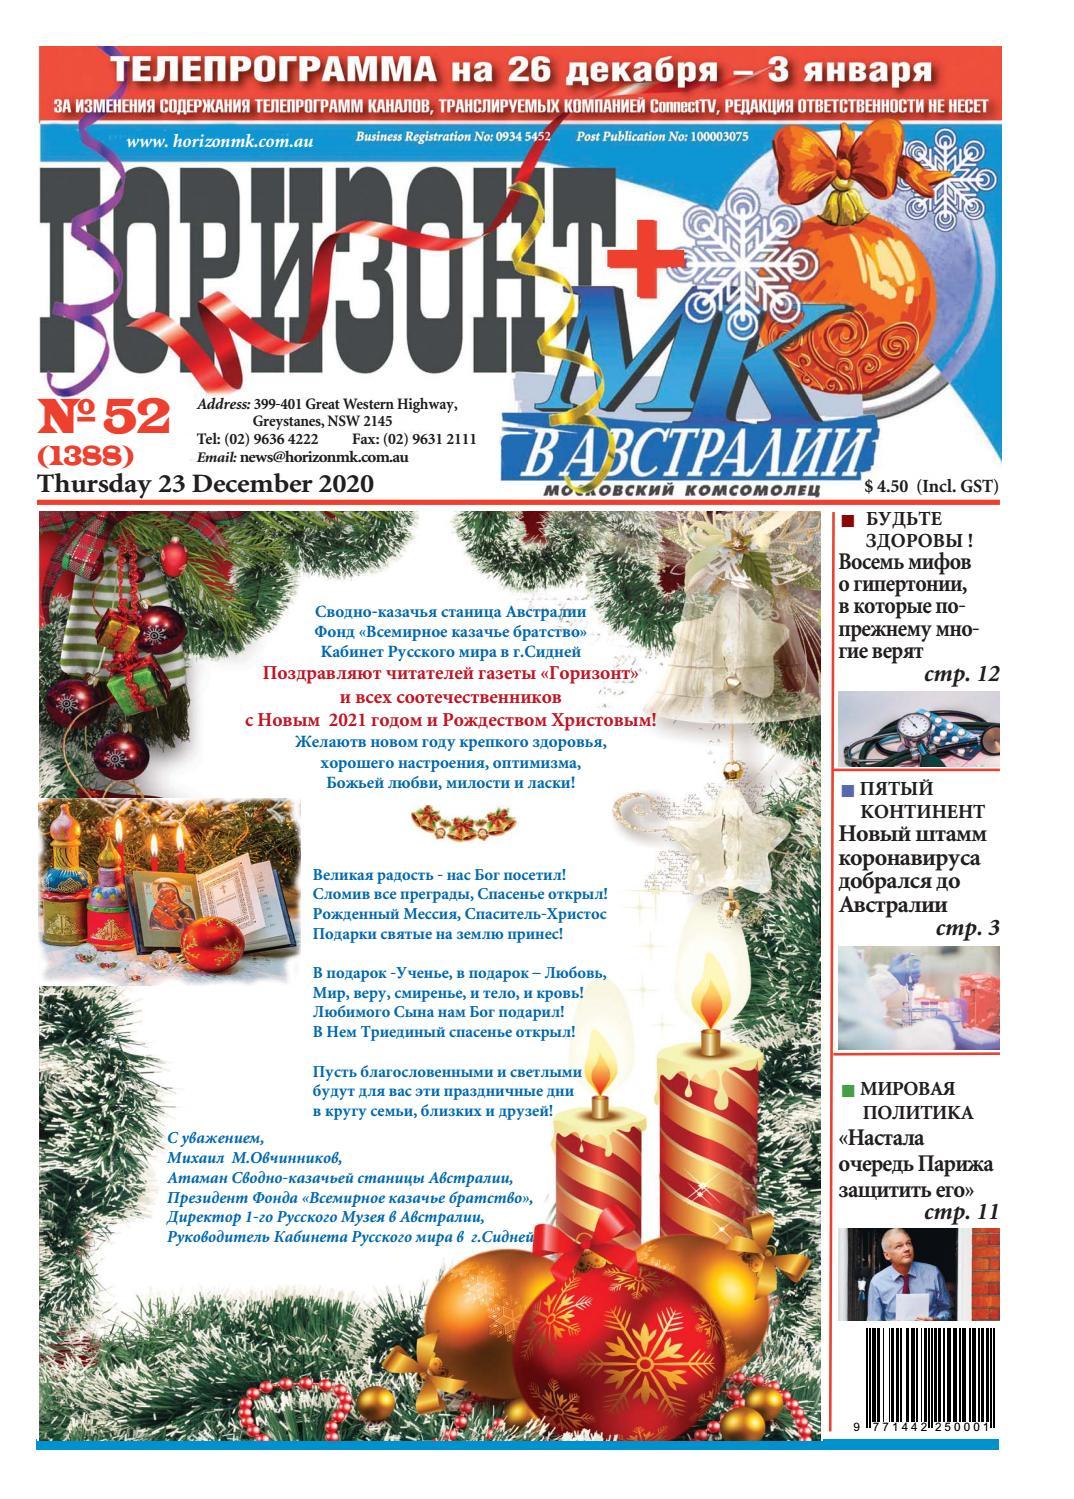 Горизонт №52, декабрь 2020